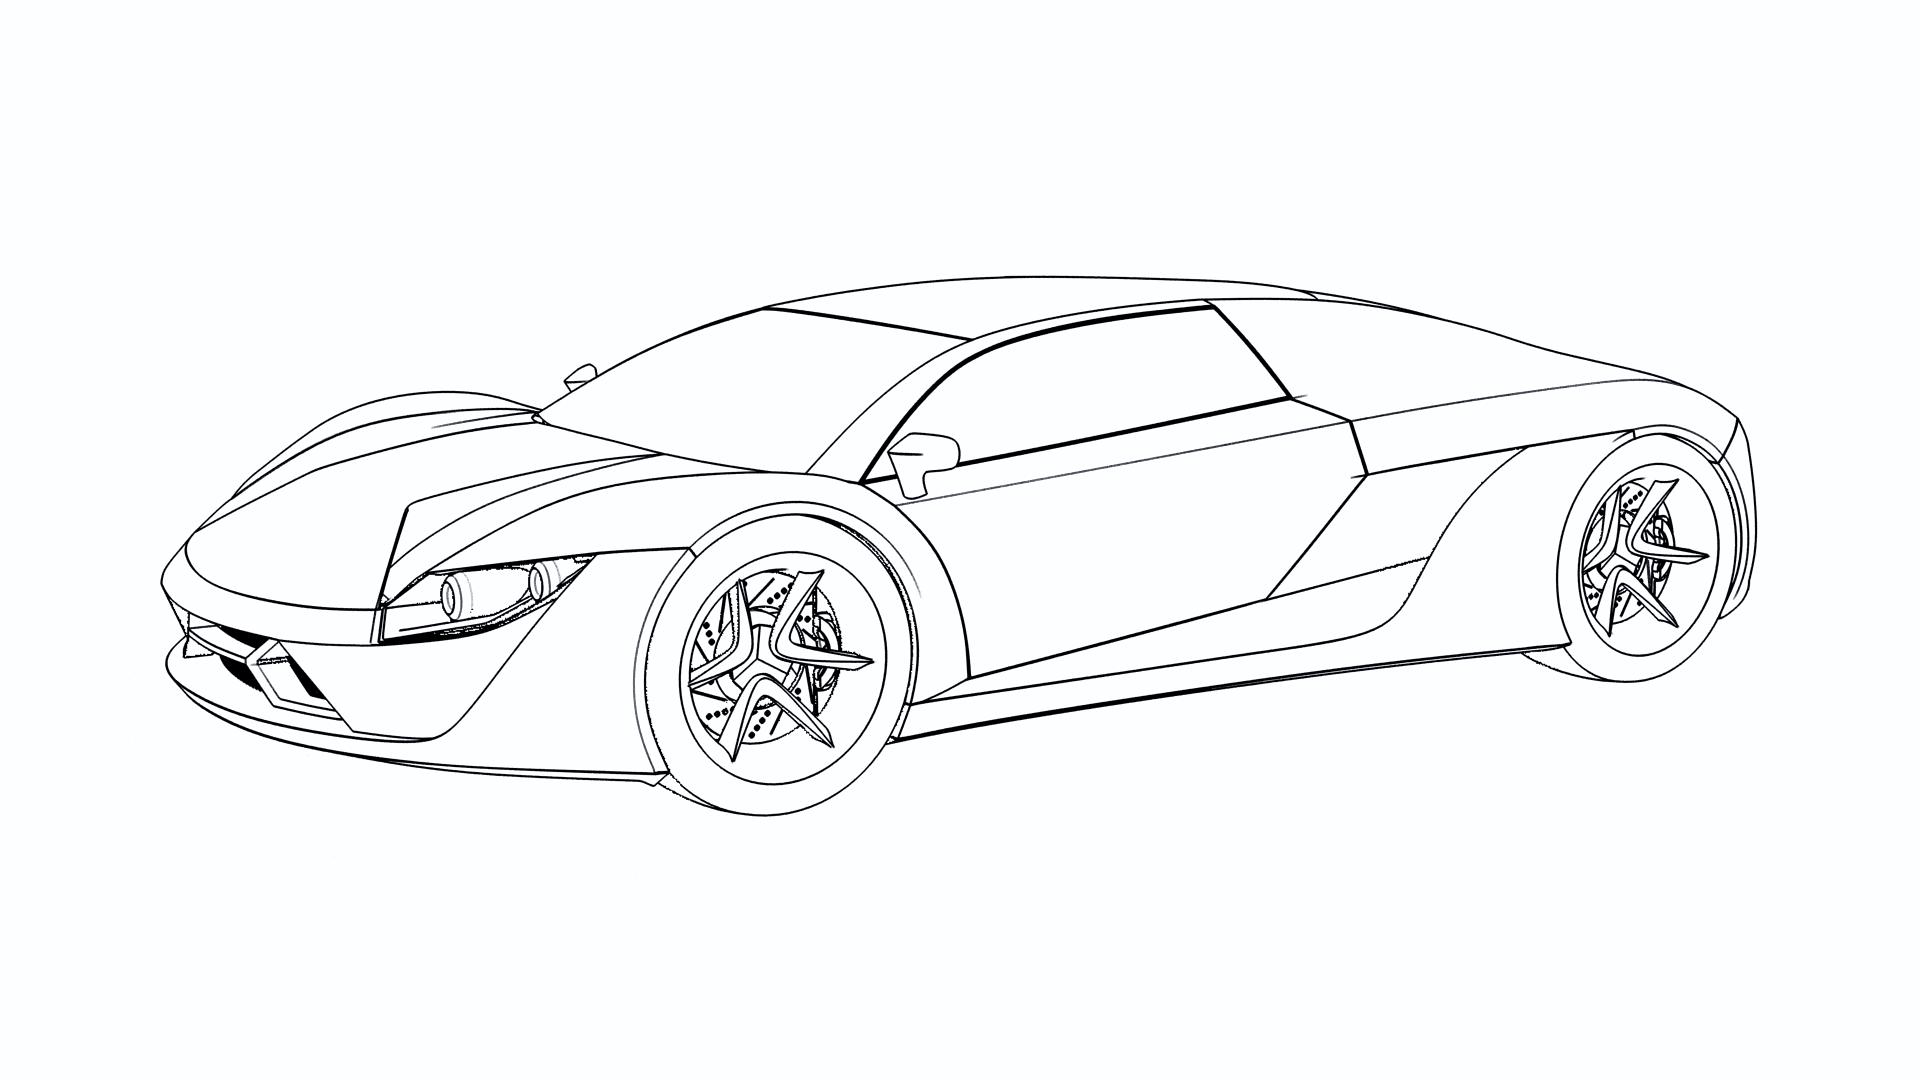 Automotive Design_8.png